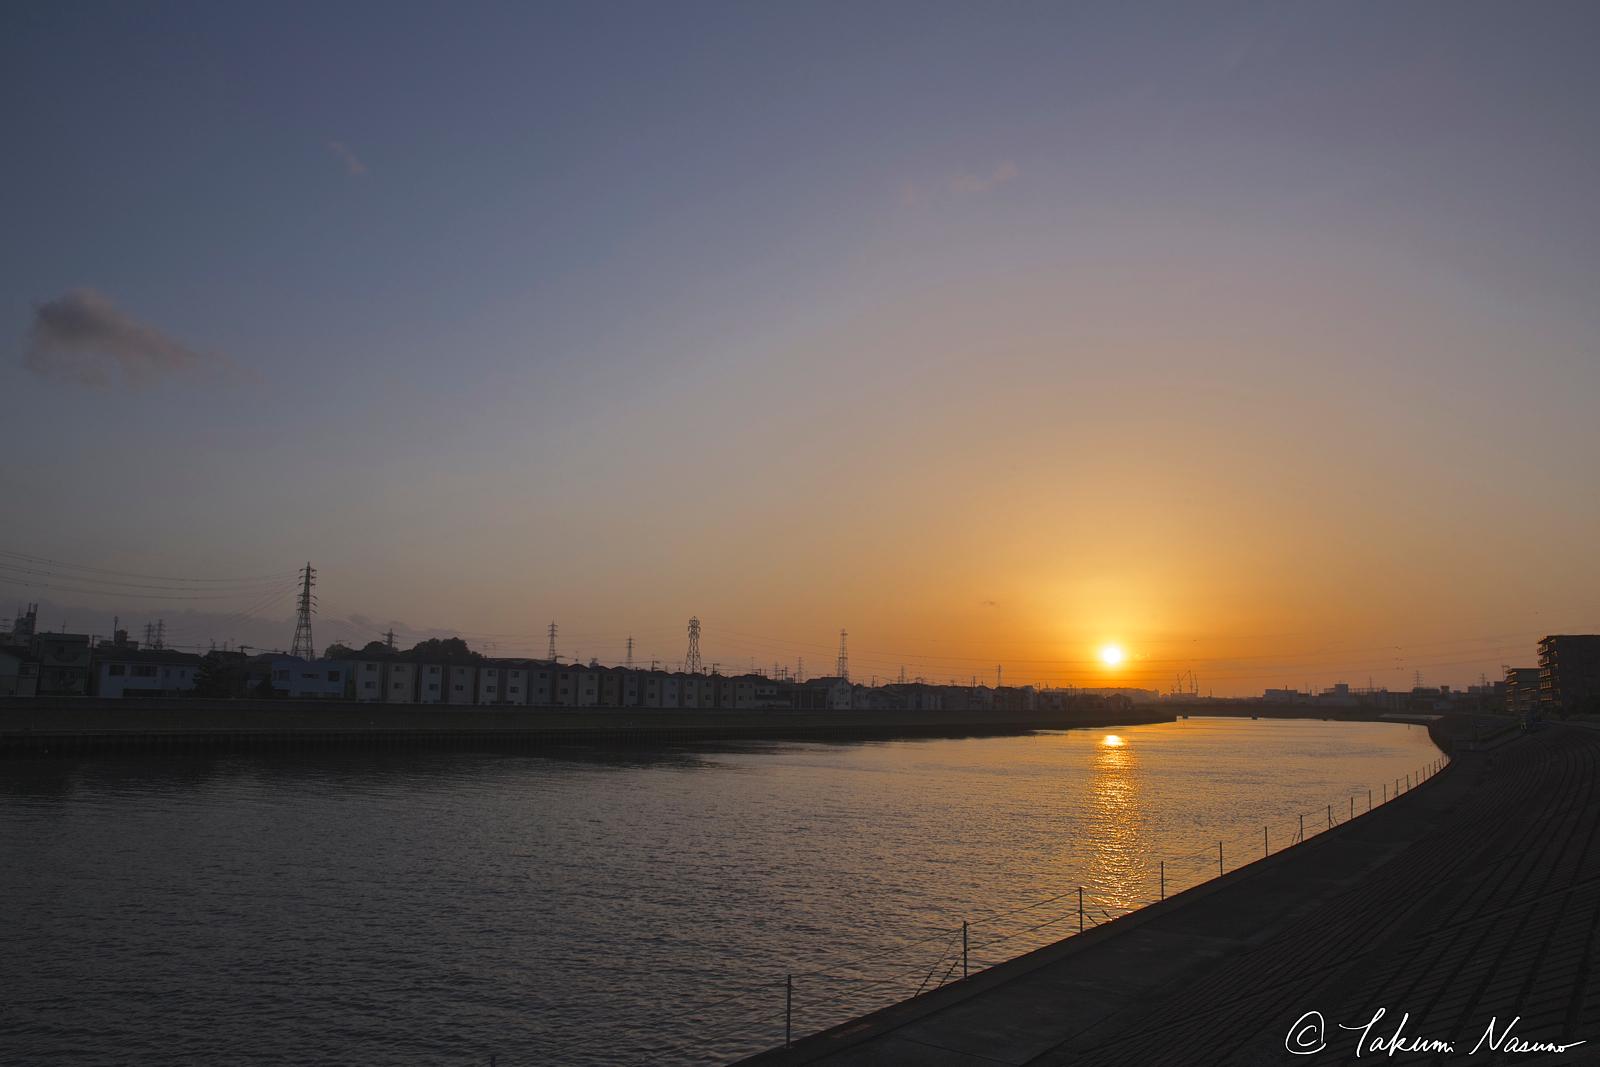 Tsurumi_Tsurumi-River_w17